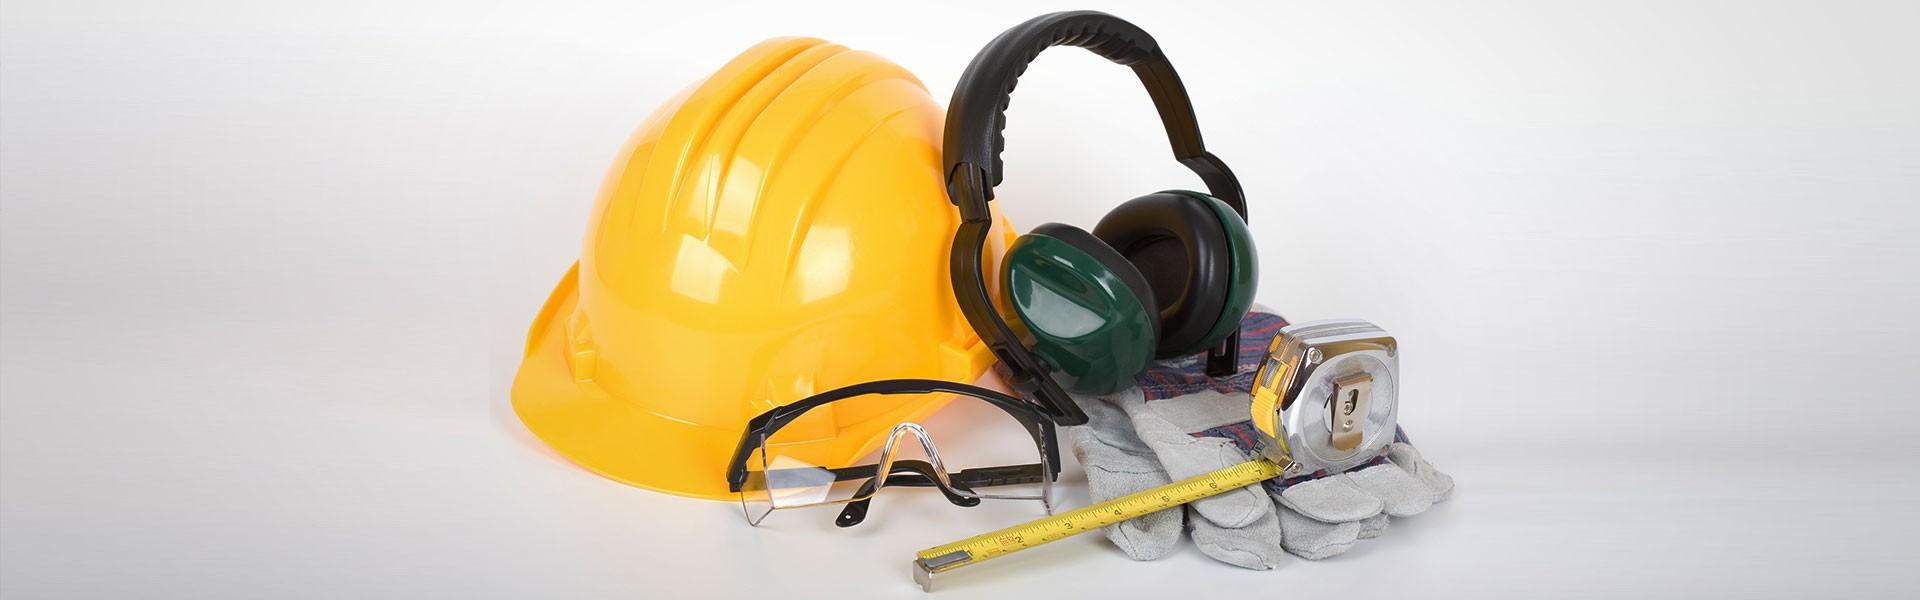 http://ambientalplanengenharia.com.br/wp-content/uploads/2013/11/testeira-seguranca-do-trabalho-1920x600.jpg